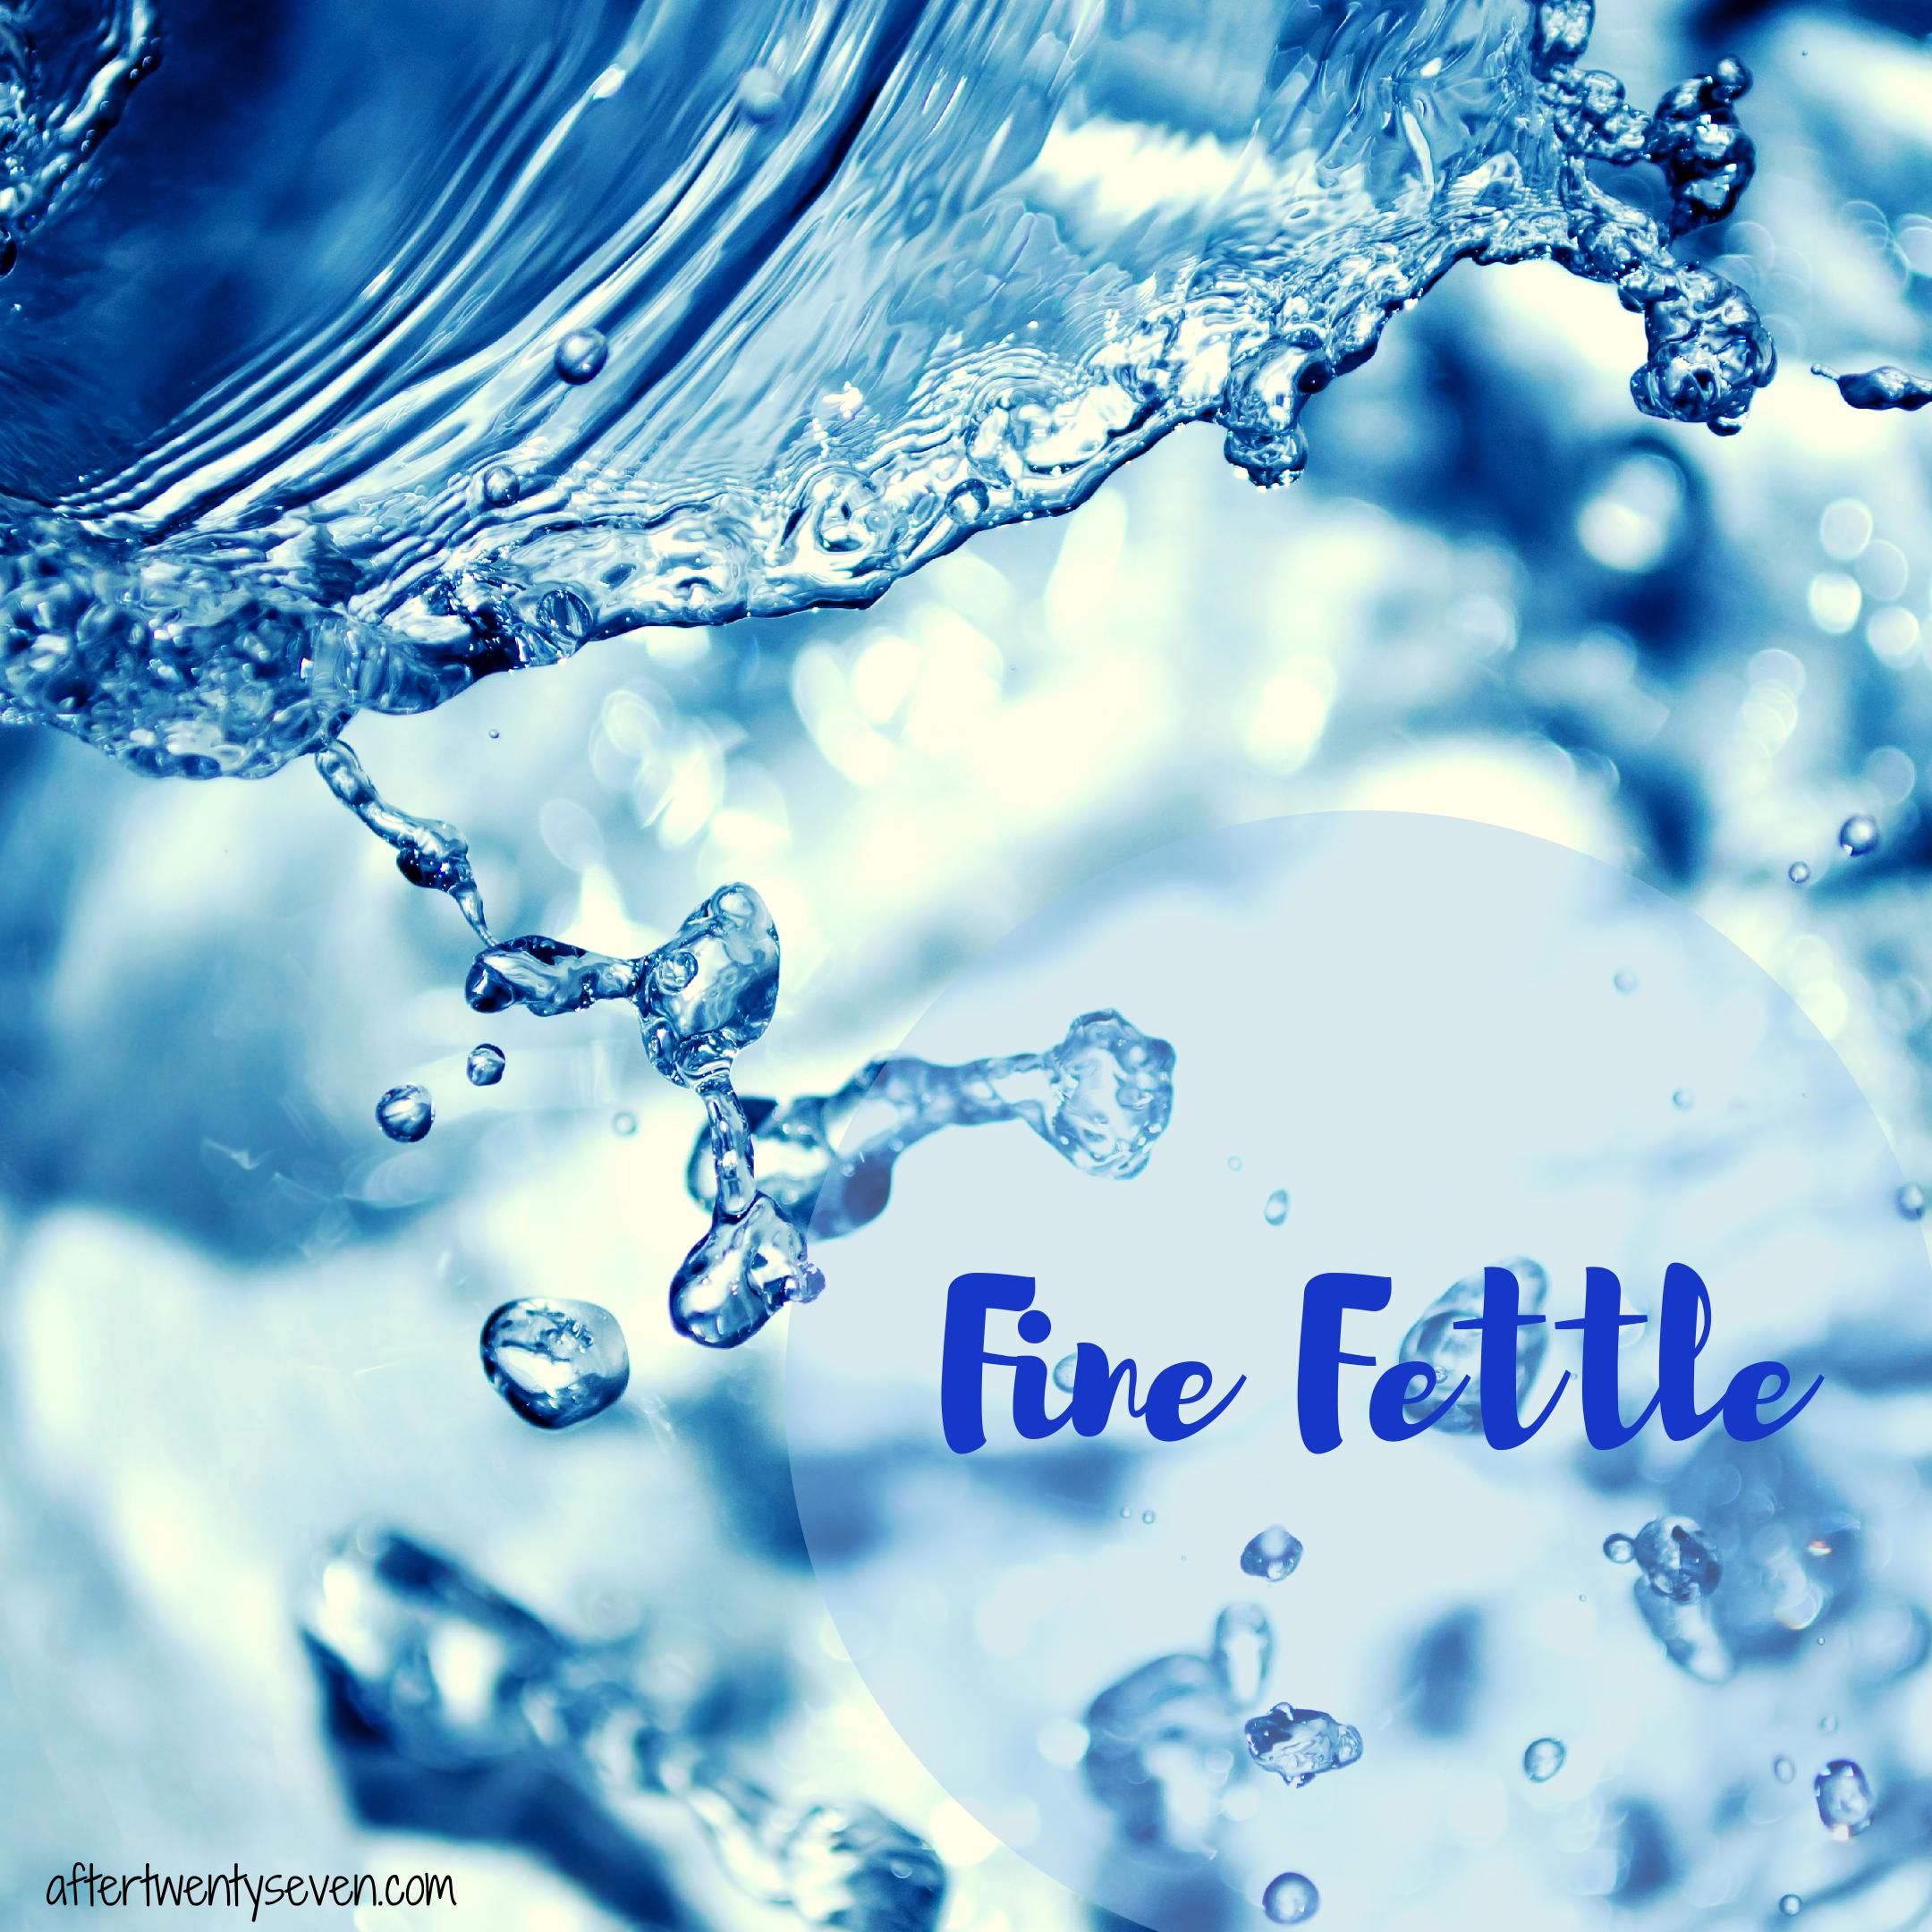 Mengulas Tentang Fenomena Air Alkali untuk Menurunkan Tekanan Darah